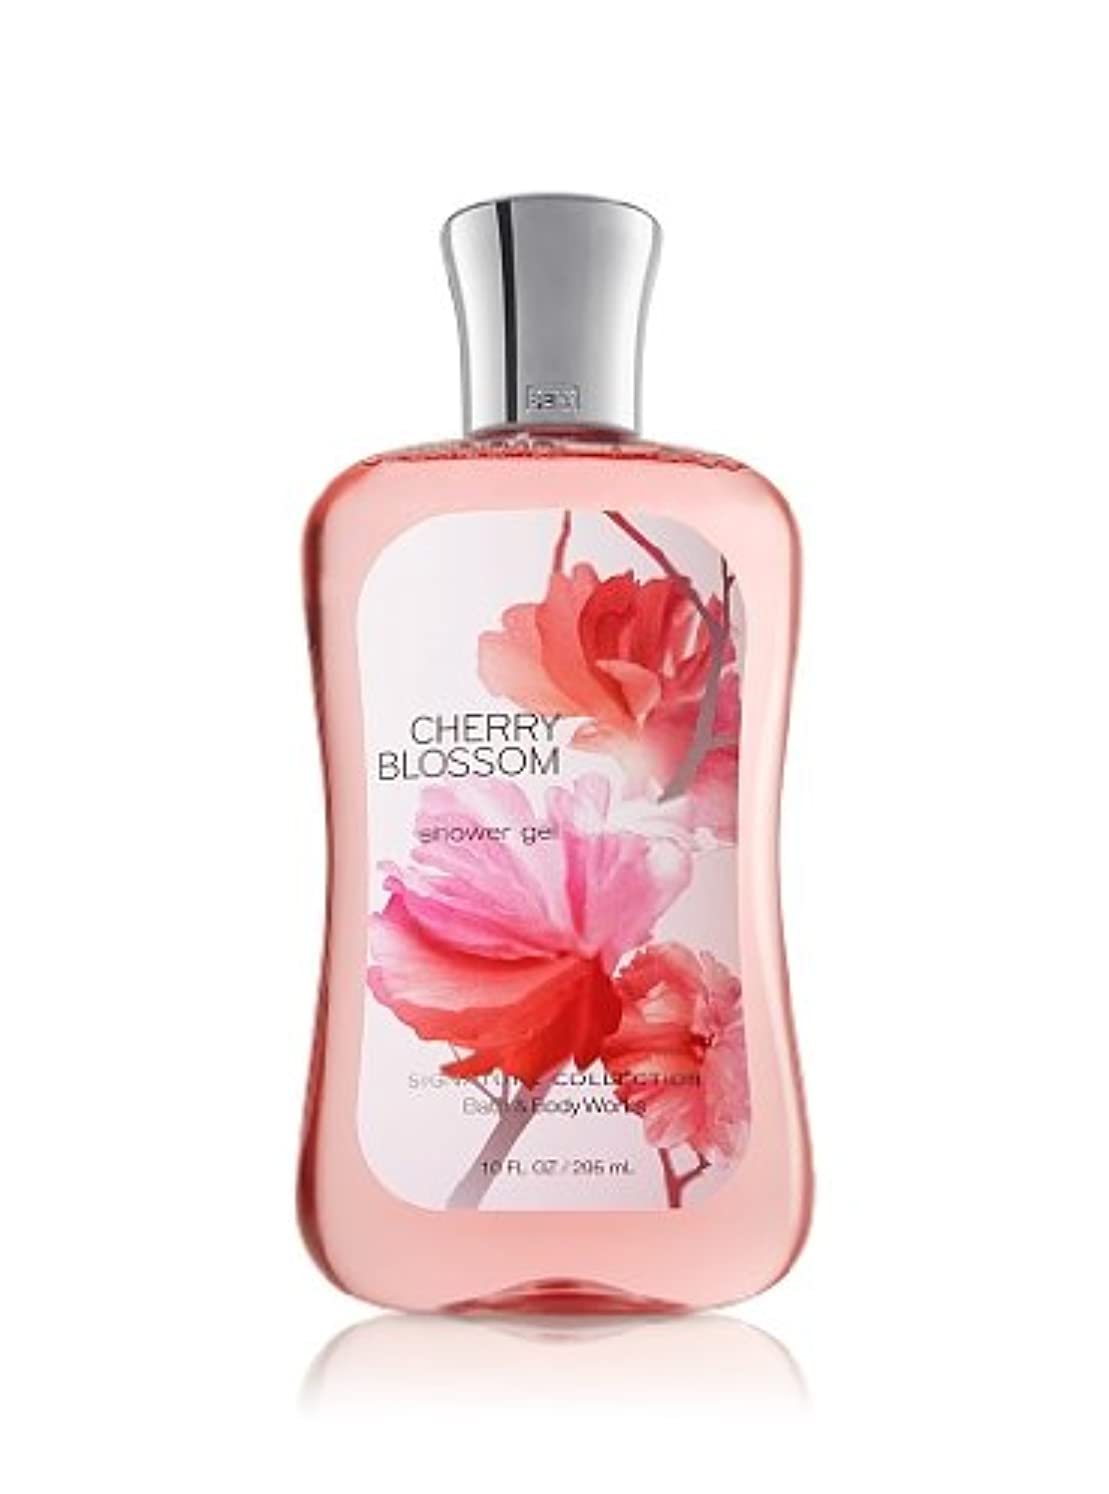 圧縮する心理的ゆりかごバス&ボディワークス チェリーブロッサム シャワージェル Cherry Blossom Shower Gel [並行輸入品]